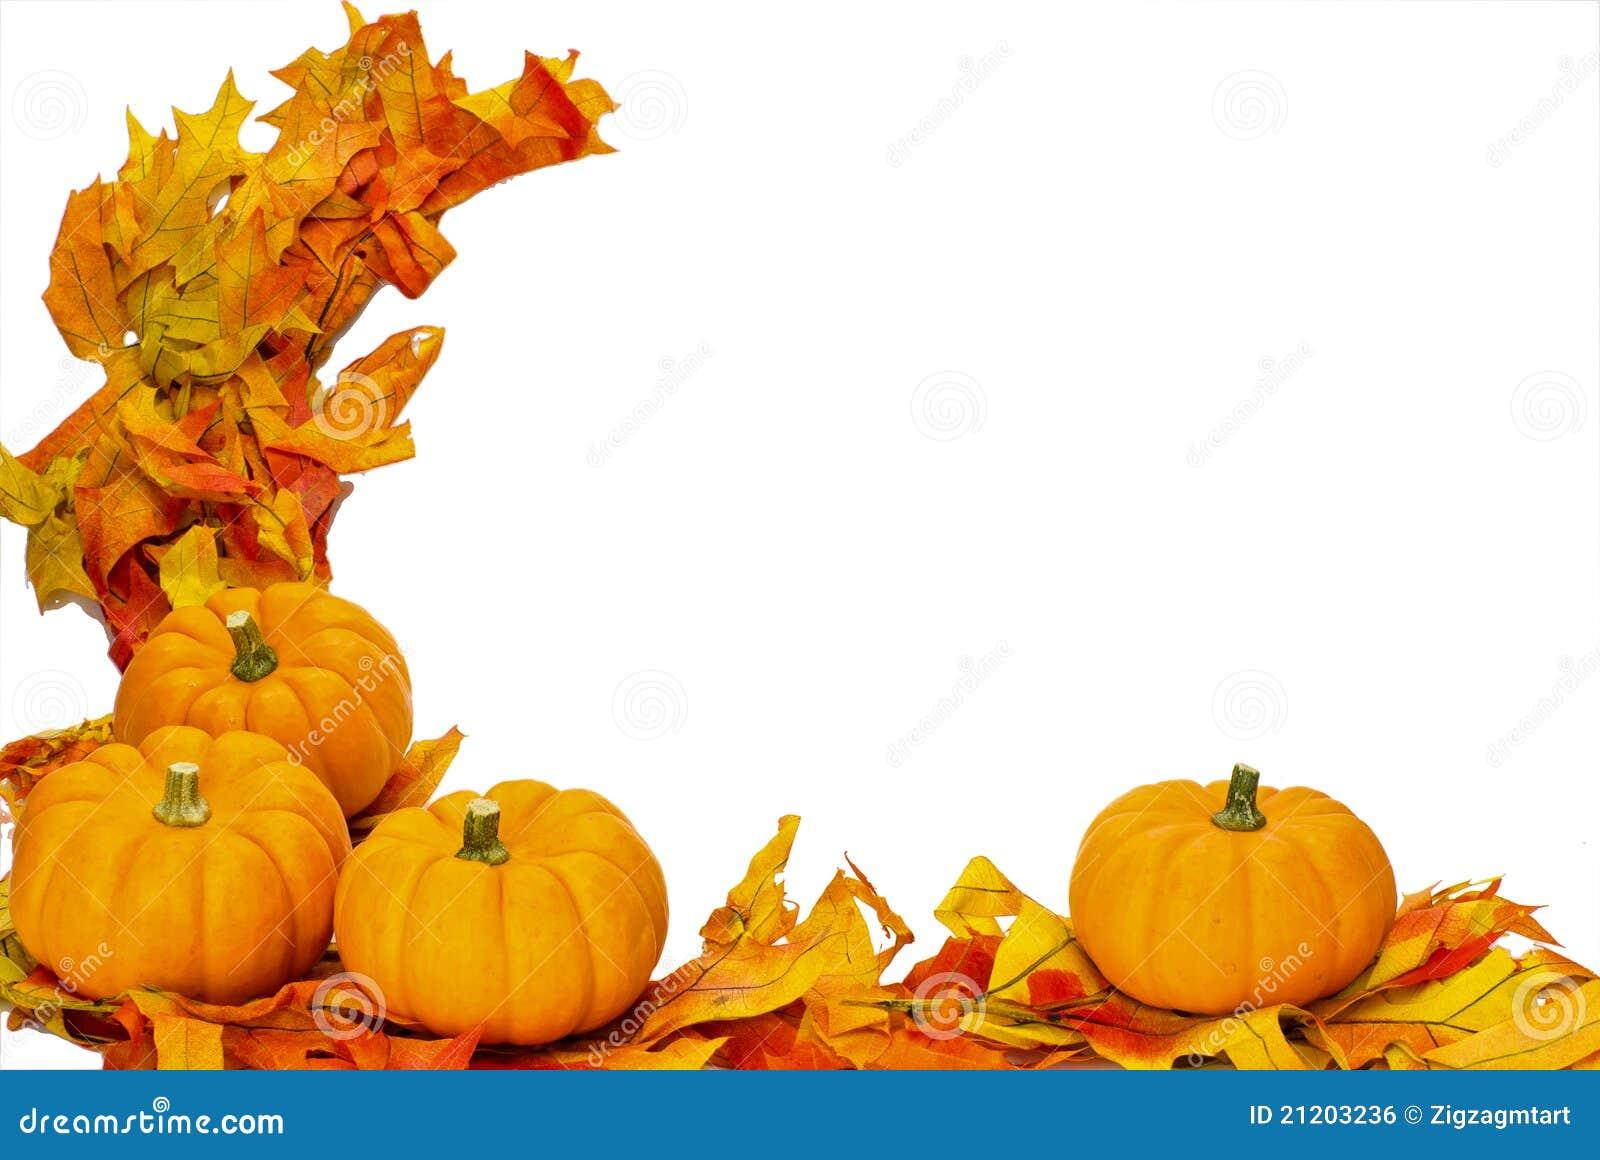 Dekoraci spadek Halloween odosobniony dziękczynienie